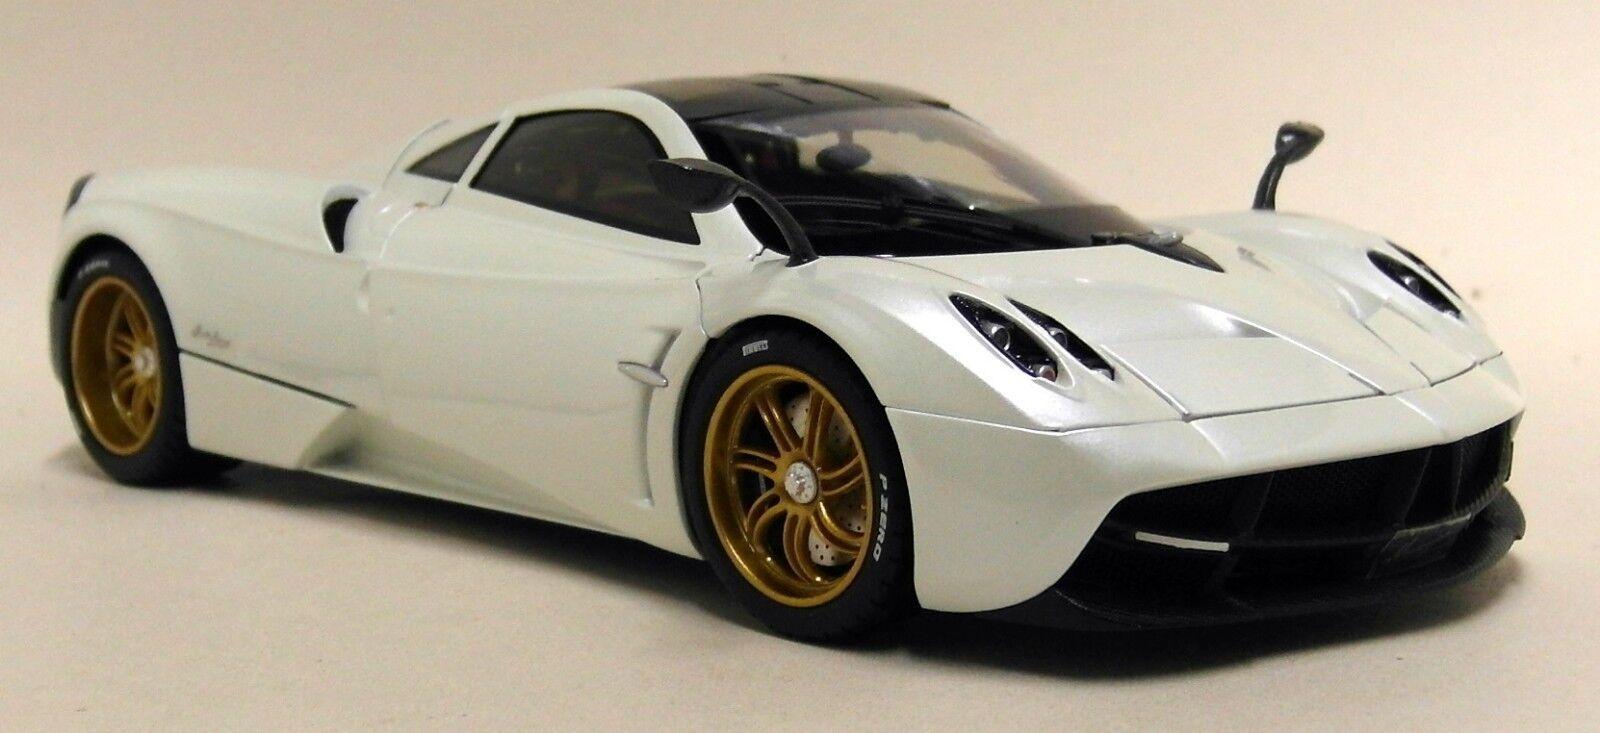 GT MOTORI USA SCALA 1 18 - PAGANI OSCURA BIANCO PERLA supercar auto Modello Diecast